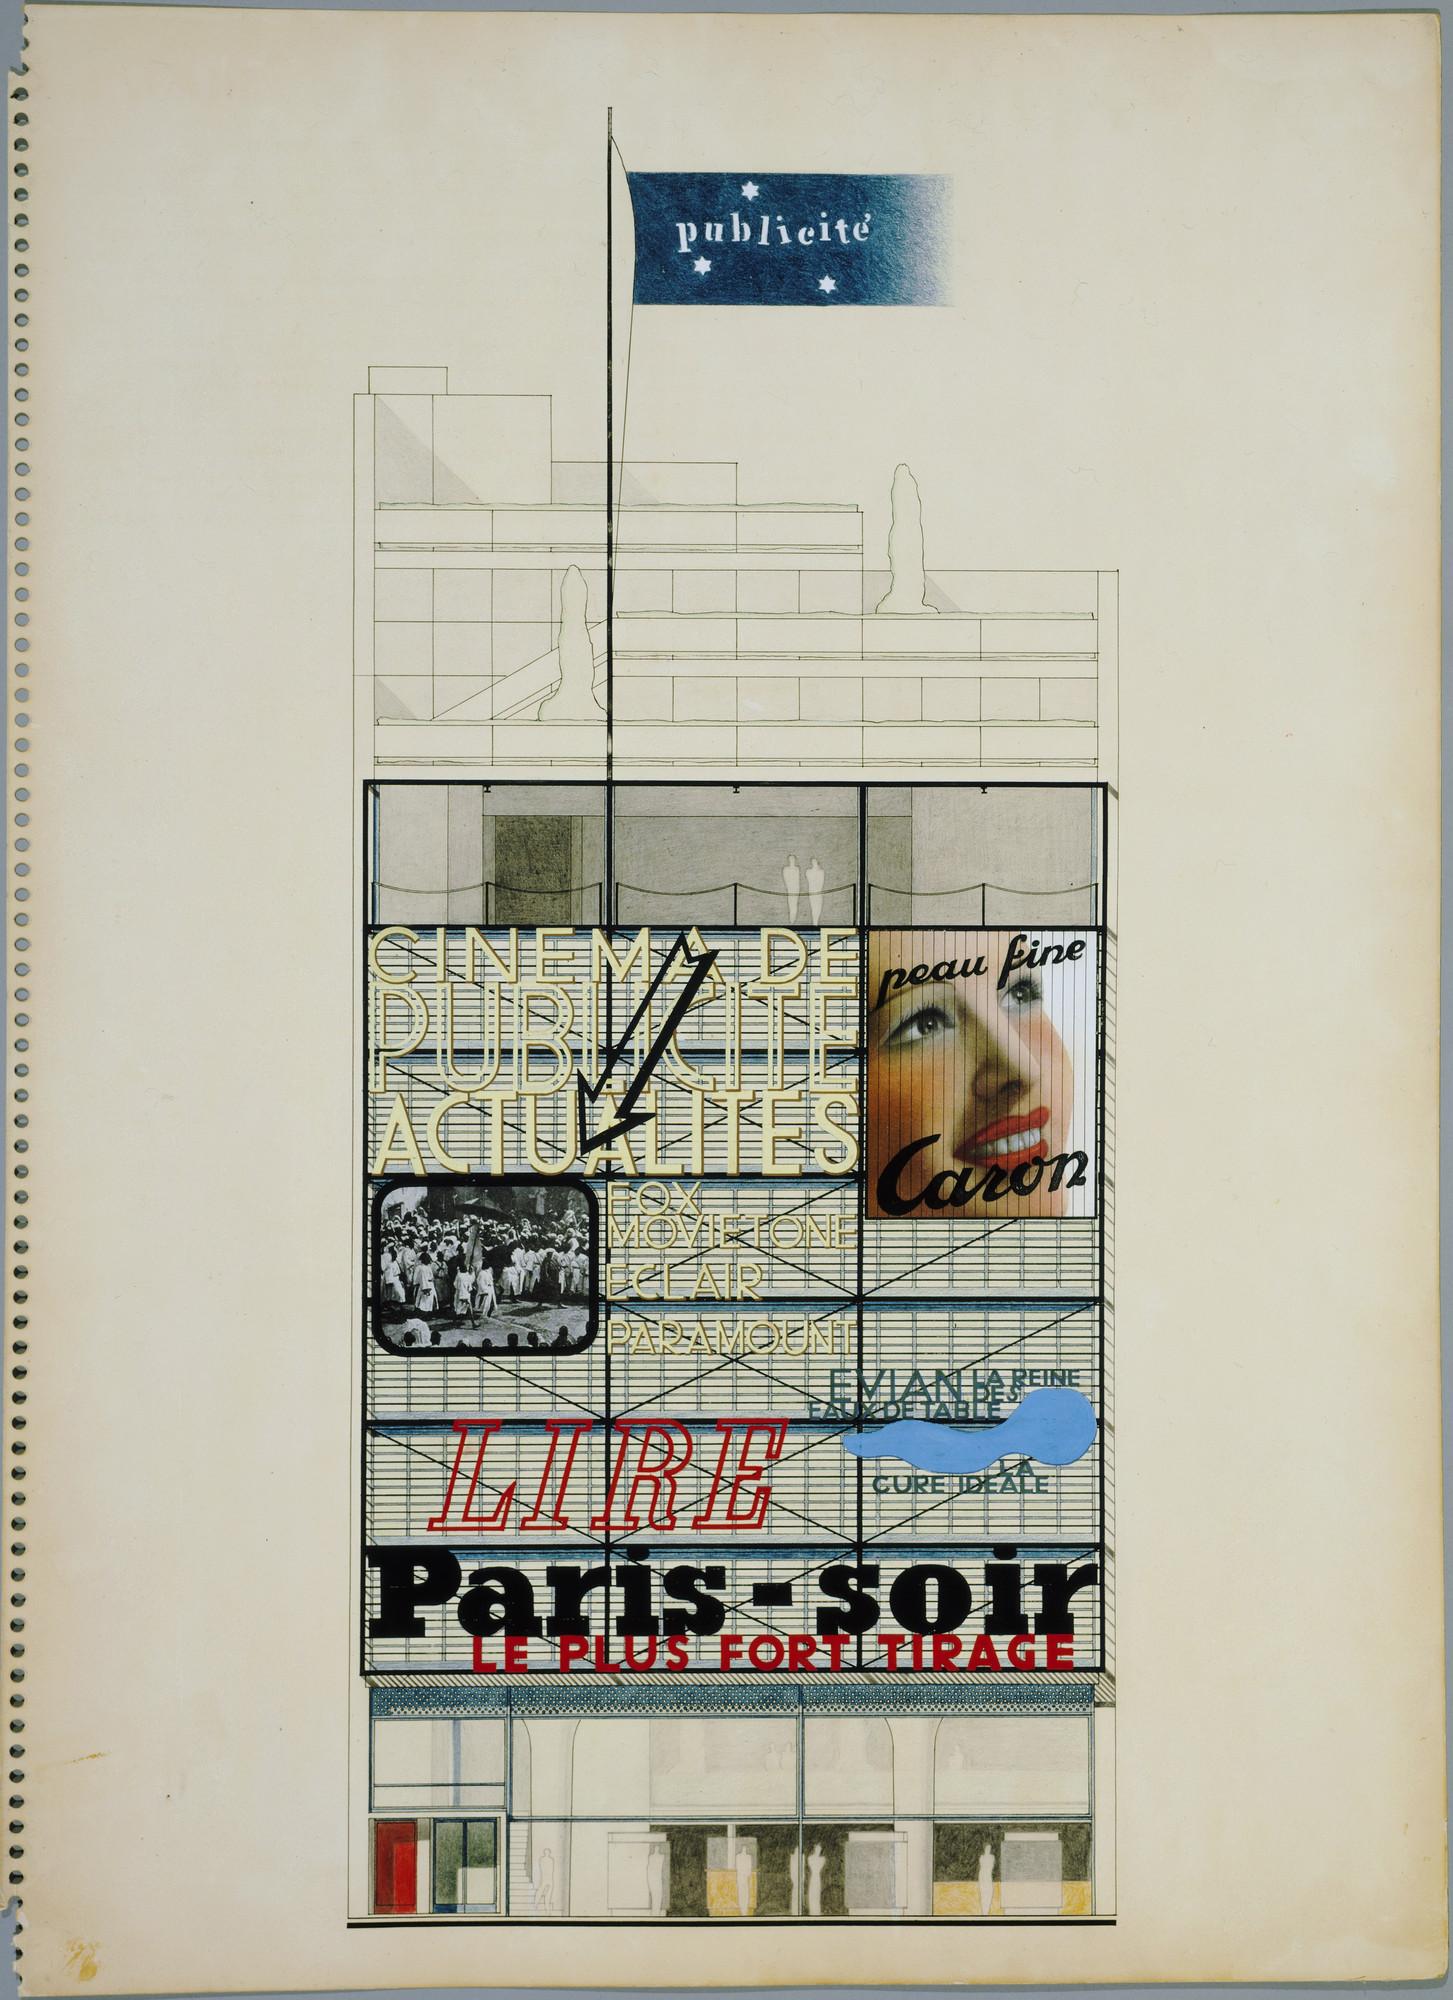 Oscar nitzchke maison de la publicité project paris france elevation 1934 36